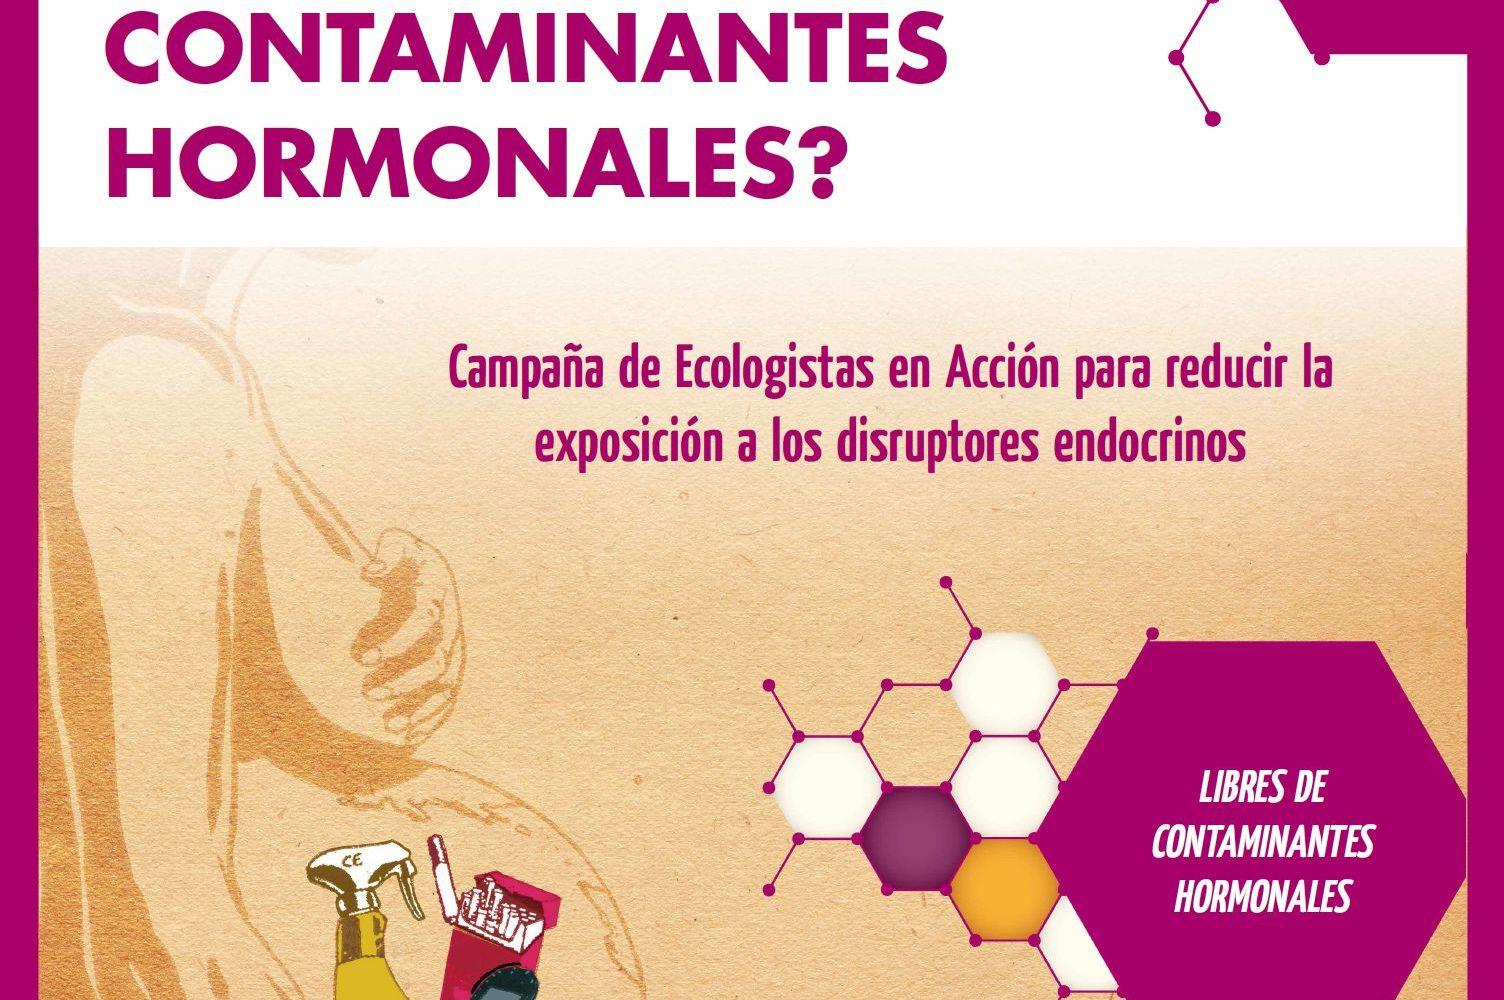 [Exposición] Contaminantes hormonales